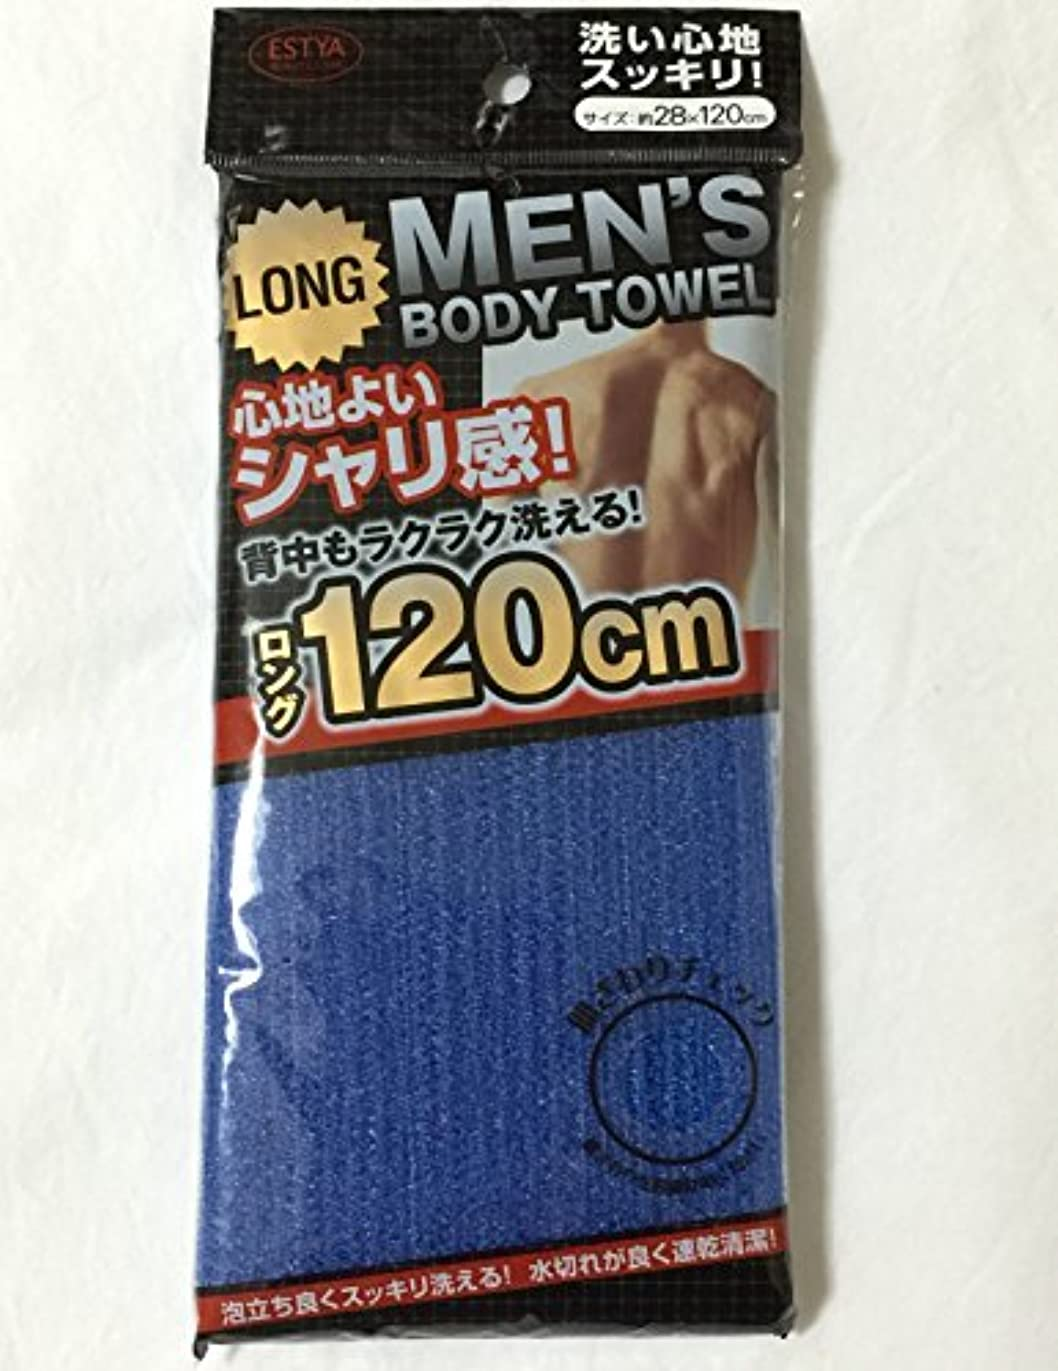 カナダ仮定、想定。推測ロードブロッキングメンズ ボディー  タオル 120cm ( かため ) スッキリ 爽快 ! 男性用 ロング ナイロン タオル